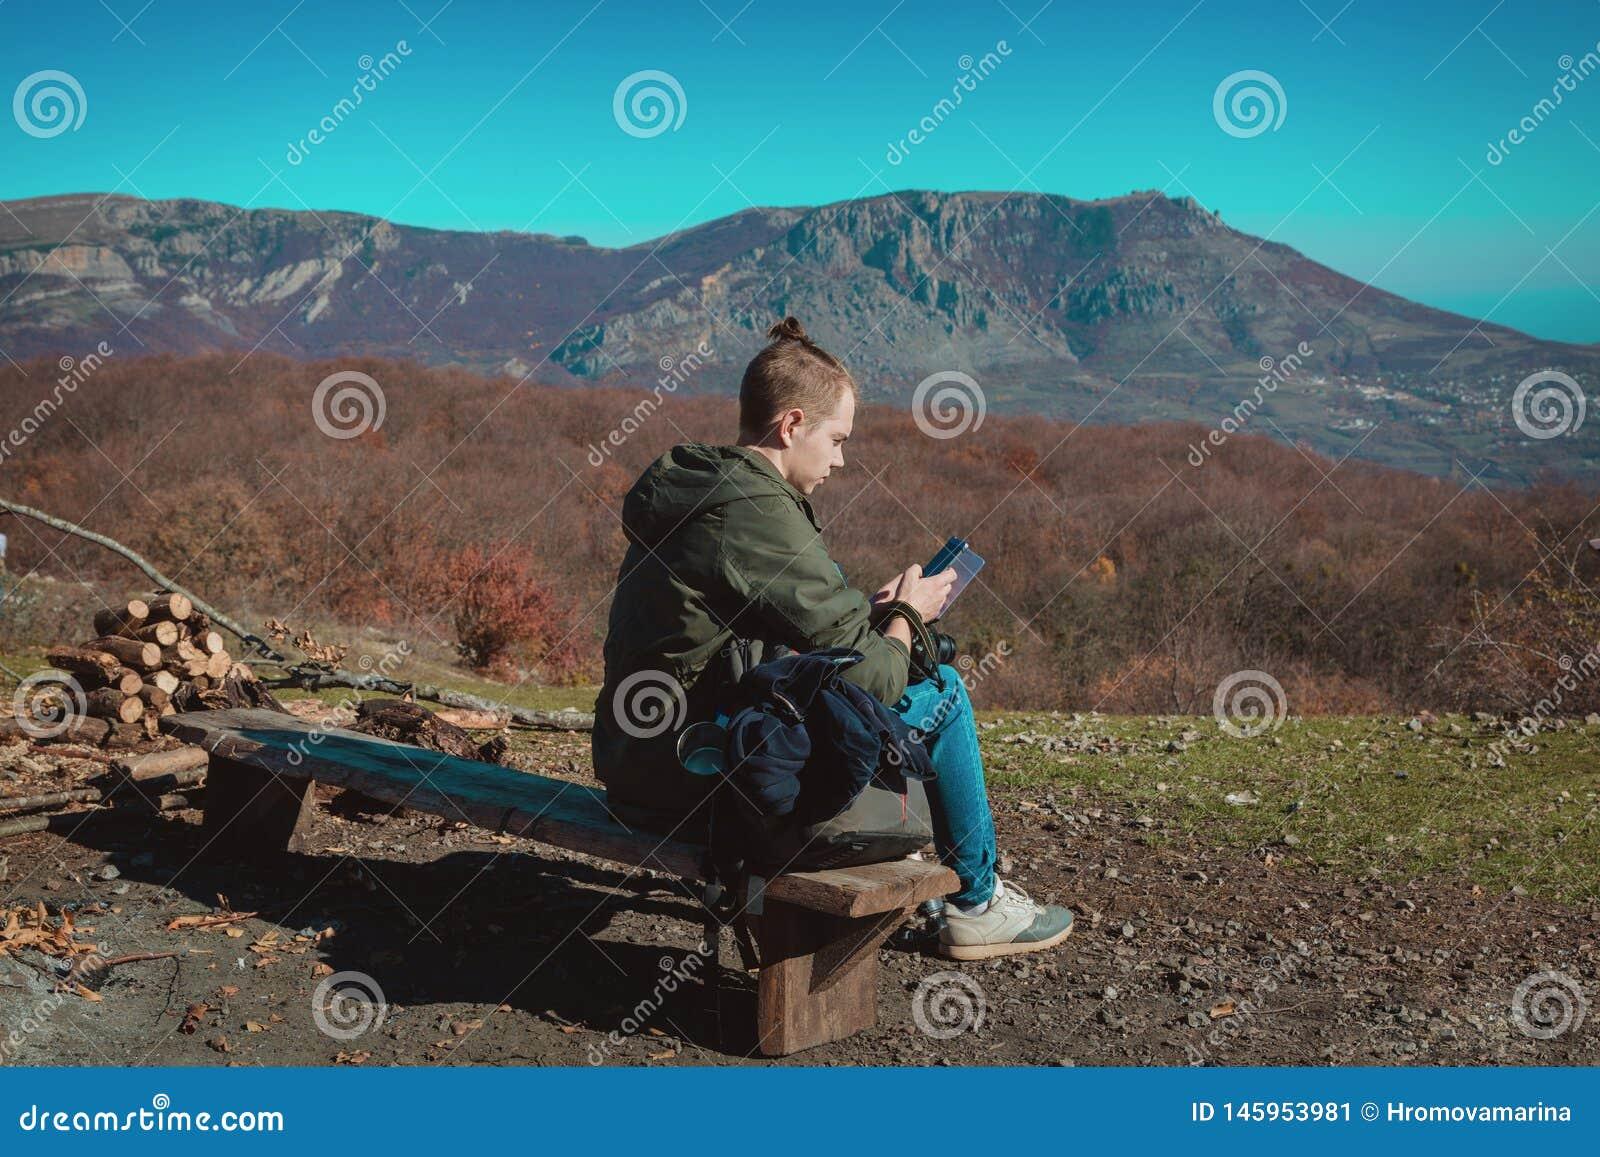 Ein junger Kerl, der für das Wandern gekleidet wird, sitzt hoch in den Bergen und schaut einen Handy